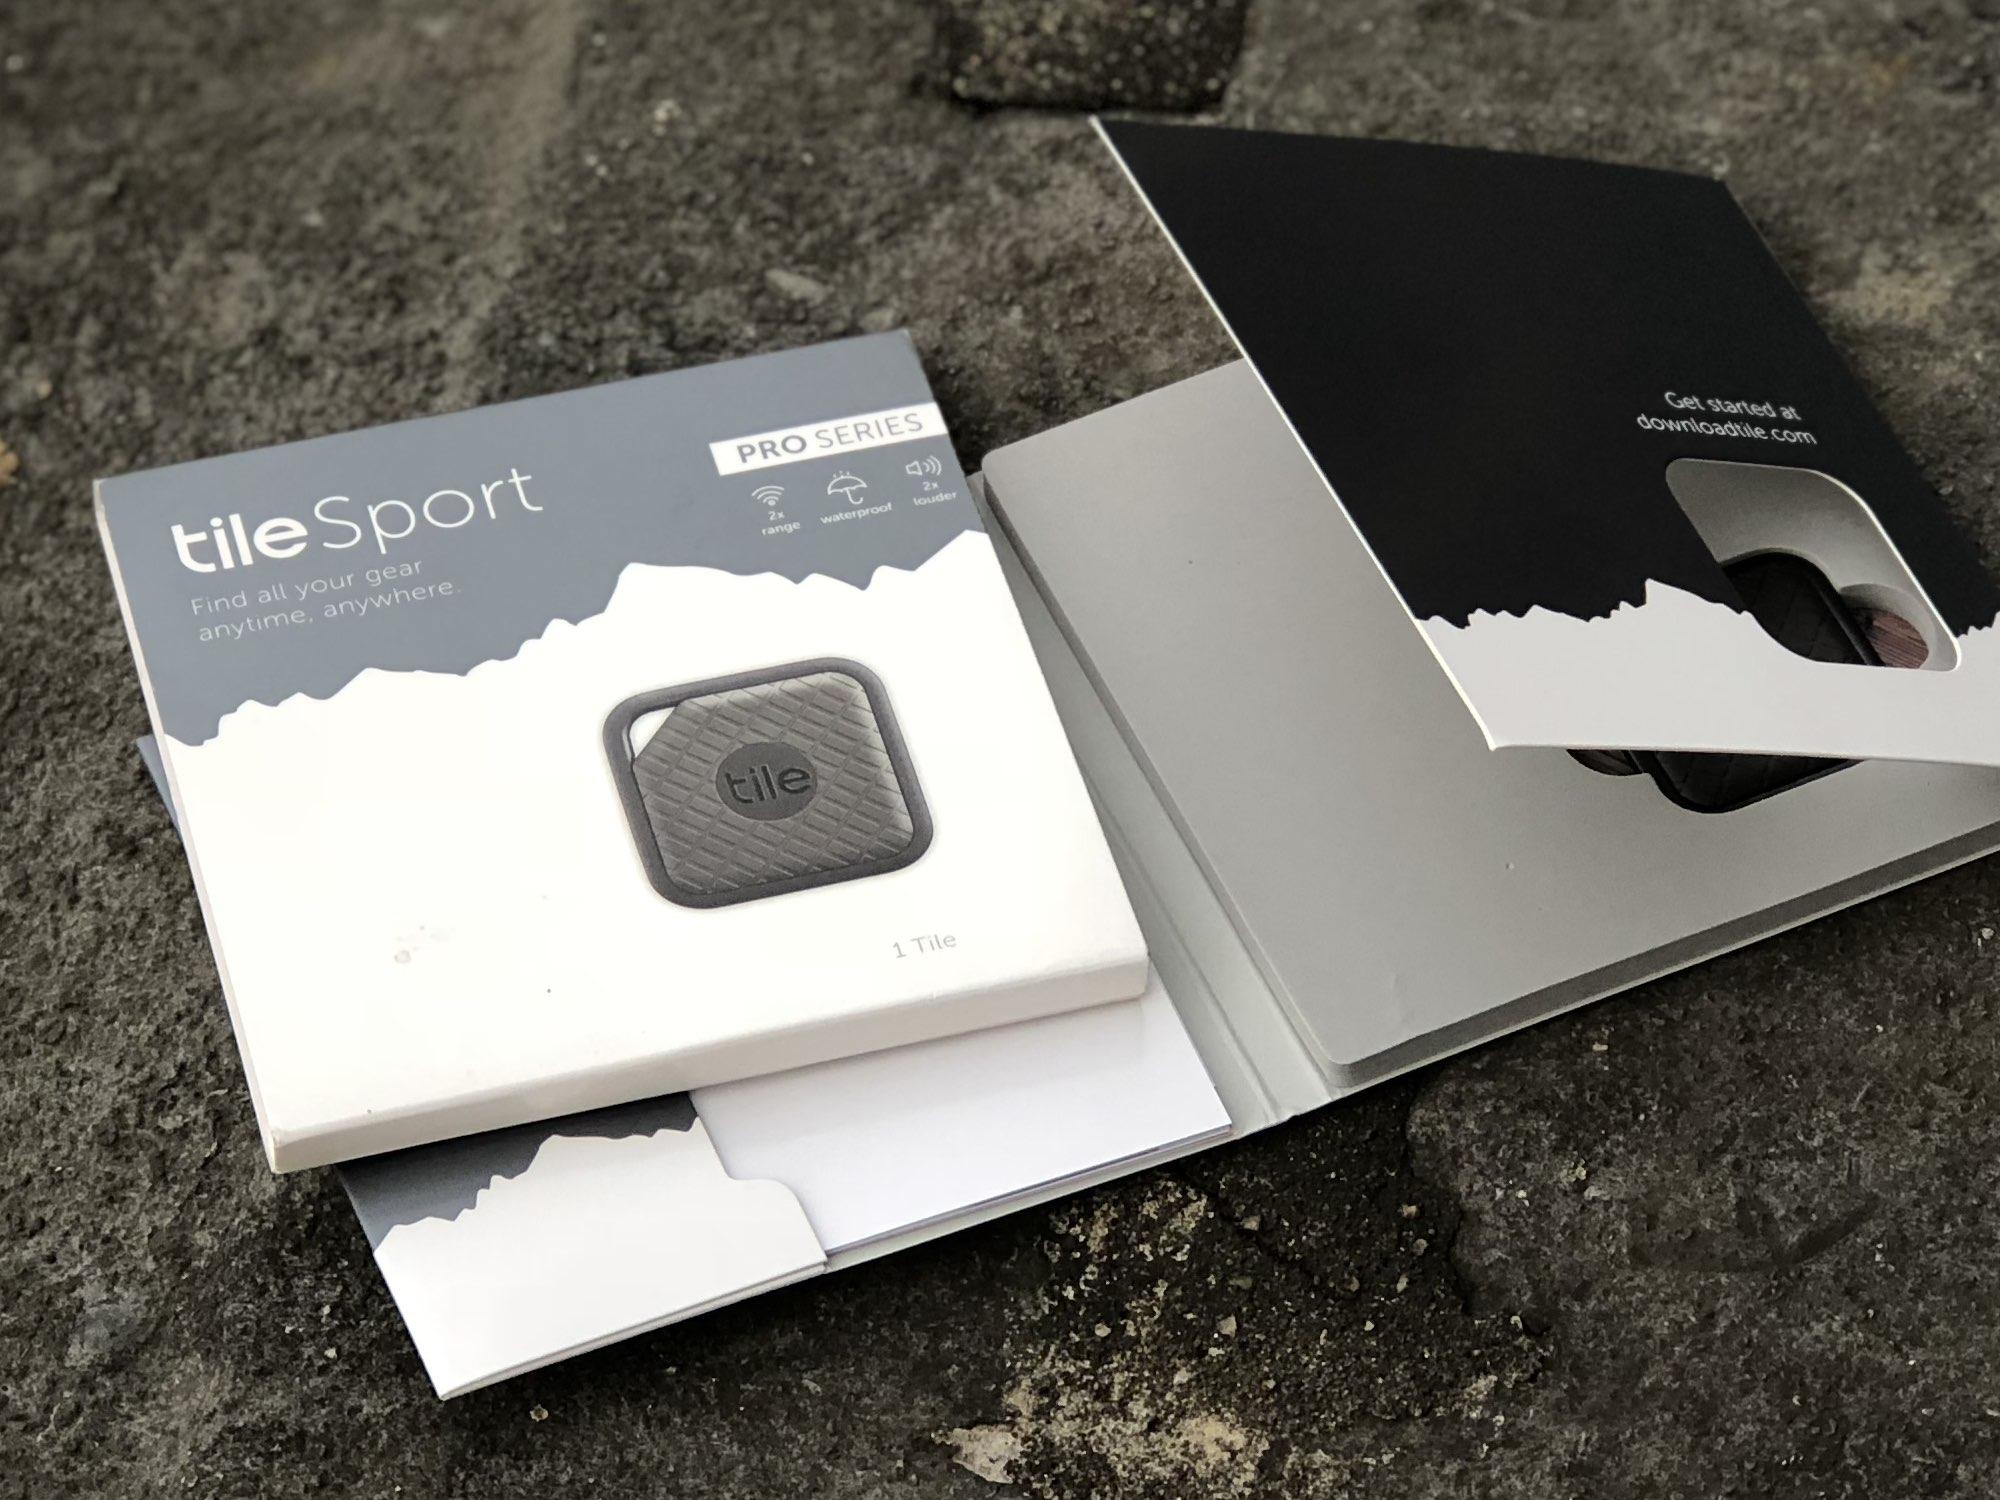 Tile Sport verpakking